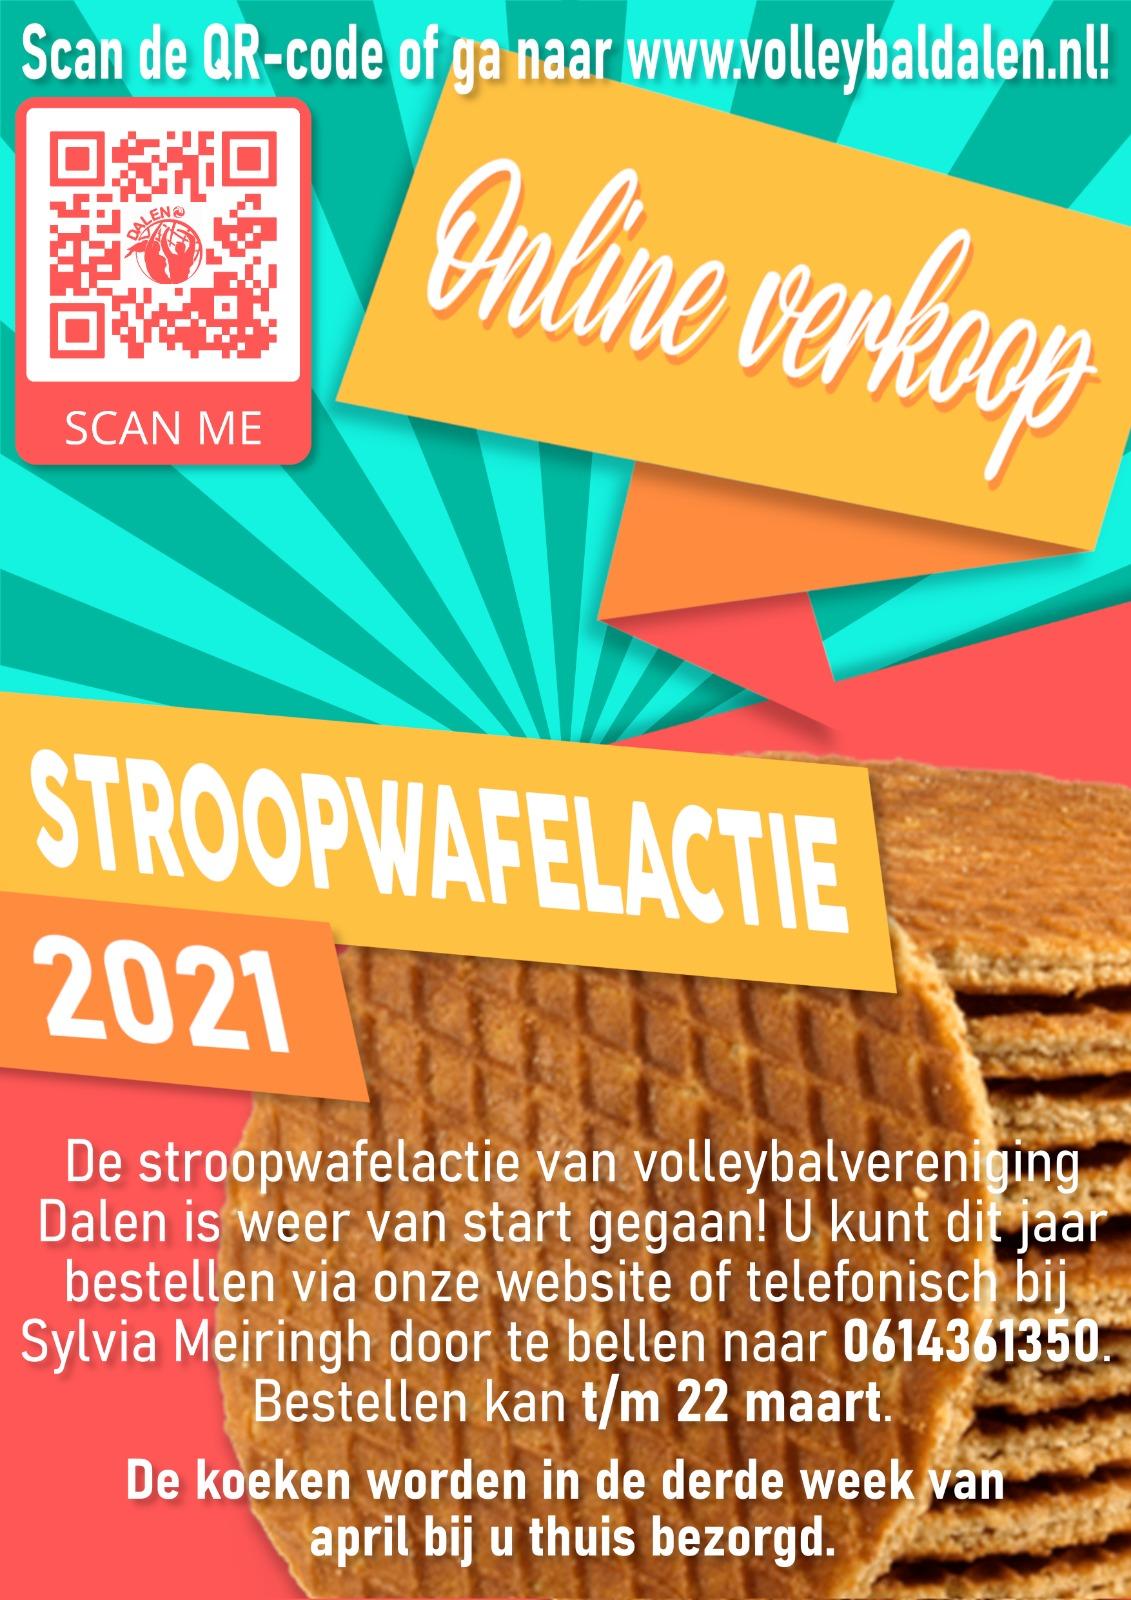 Online verkoop stroopwafels